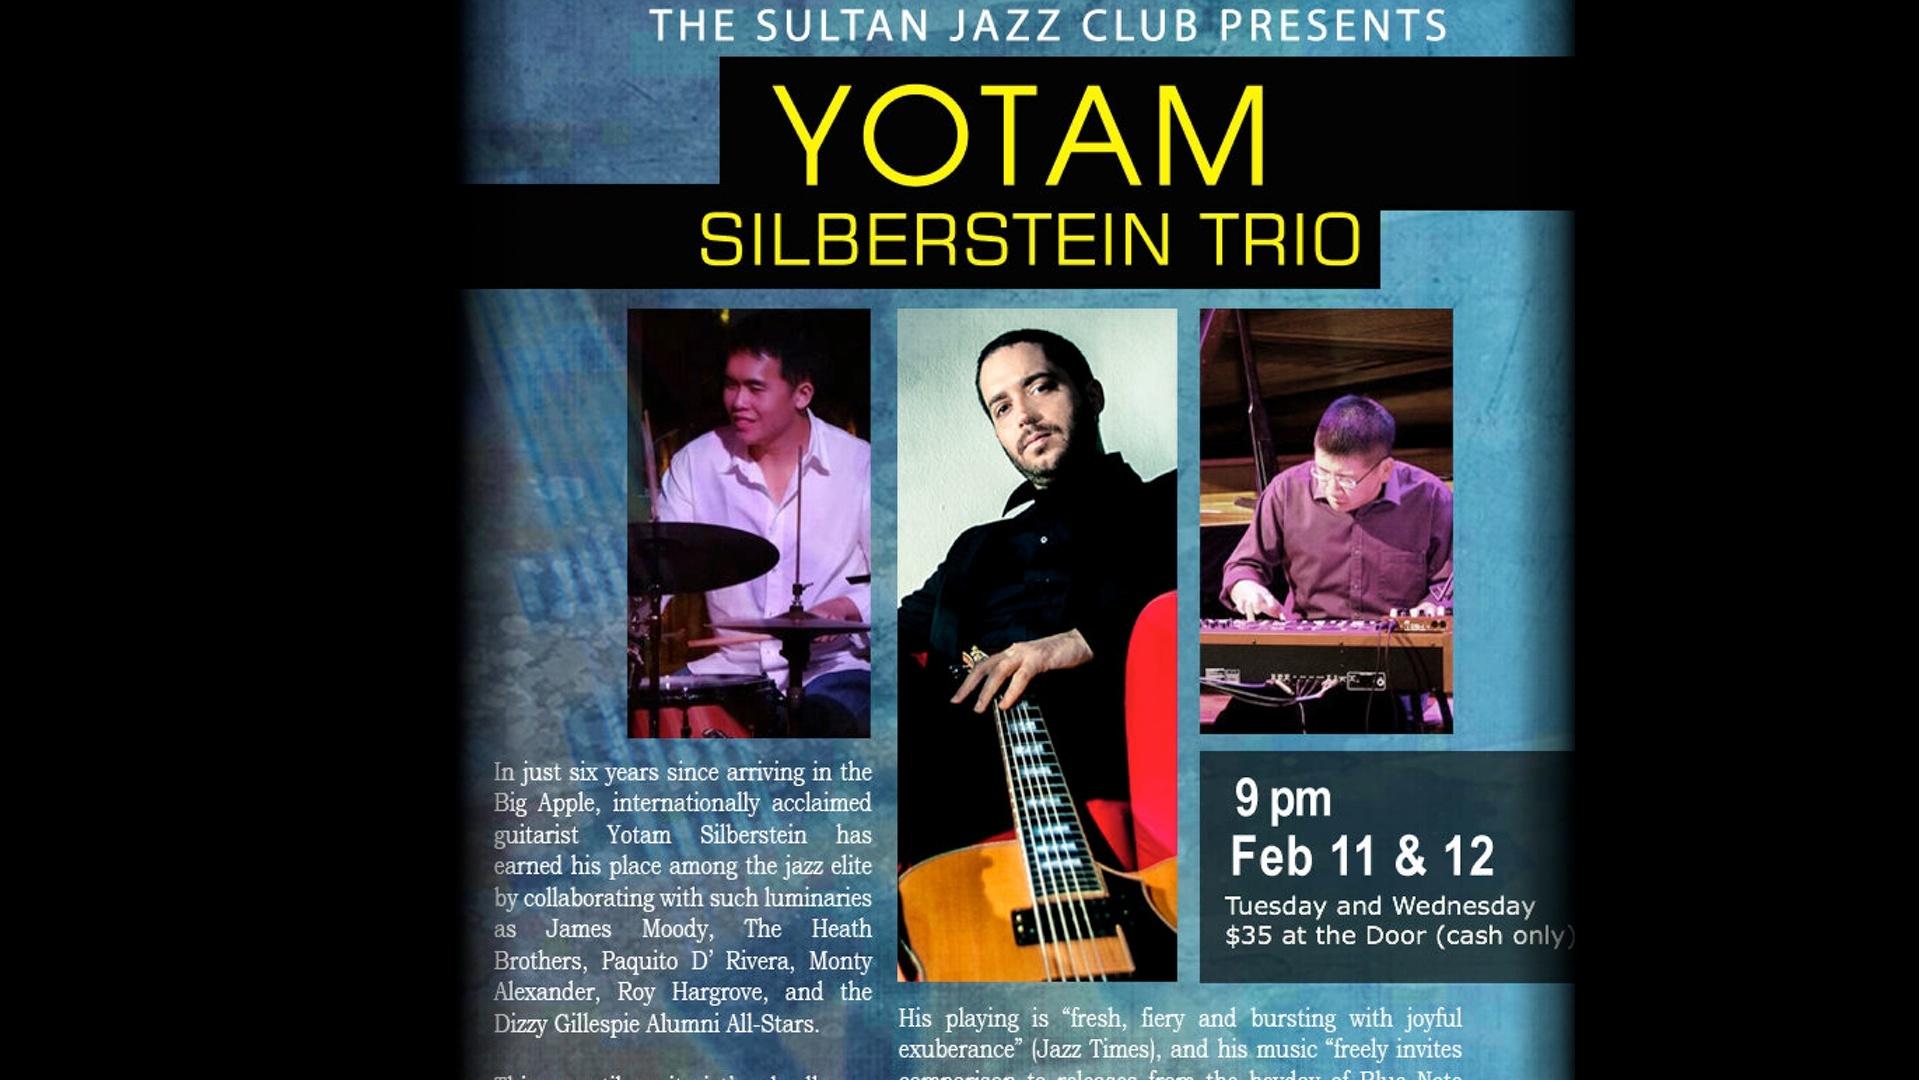 Yotam Silberstein Live at the Sultan Jazz Club